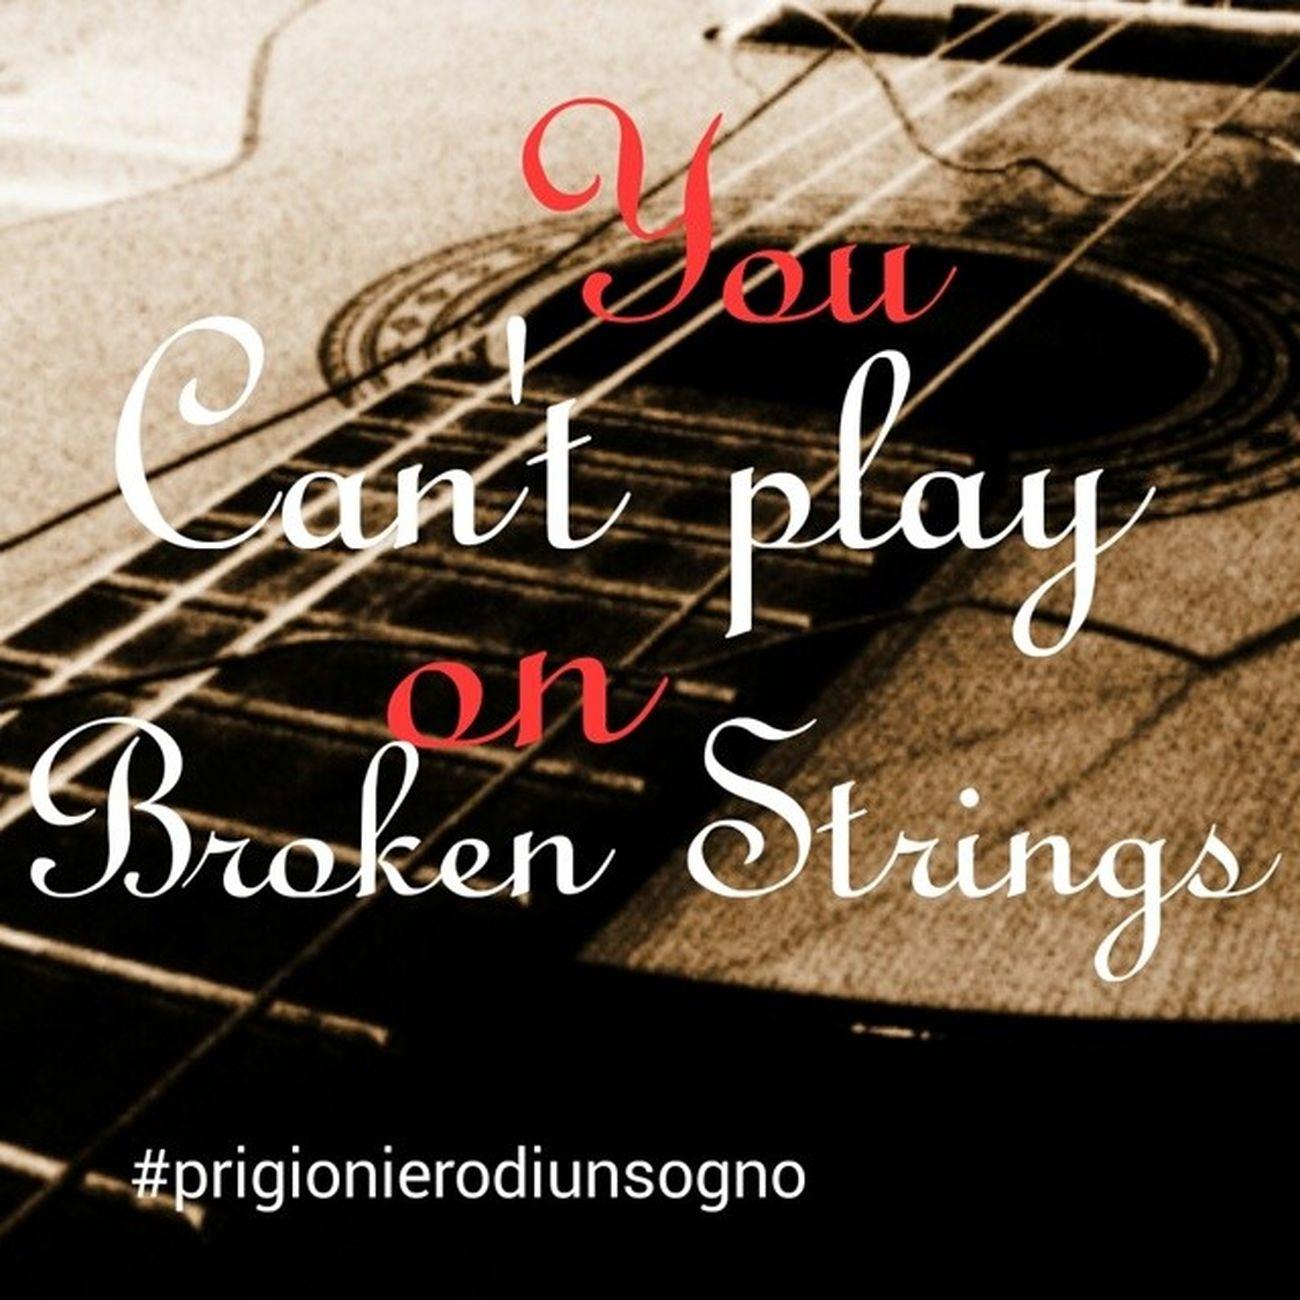 Brokenstrings , Jamesmorrison , Cit , Love , nonpuoisuonaredellecordespezzate, sentimenti, amore, instaquote, frasidelgiorno